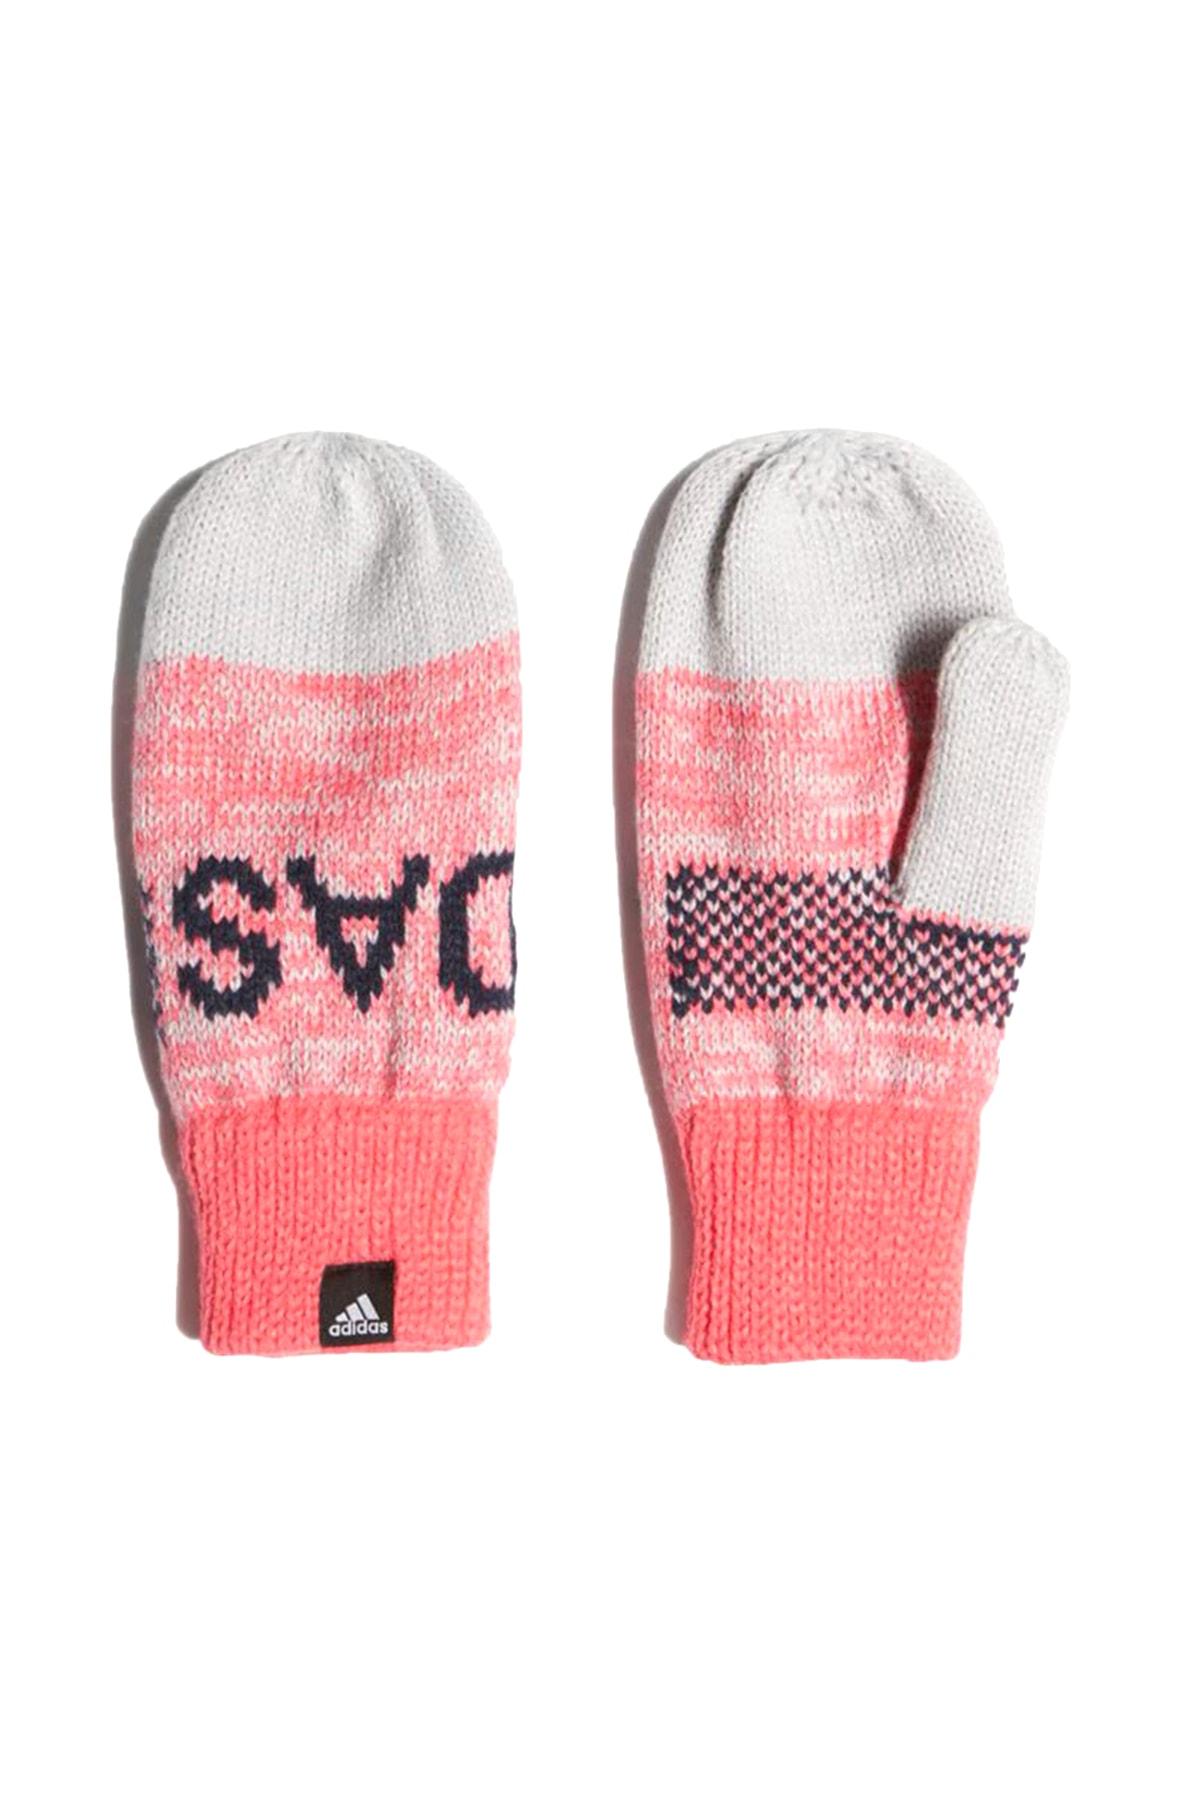 دستکش بچه گانه دخترانه قیمت برند adidas رنگ صورتی ty32927647